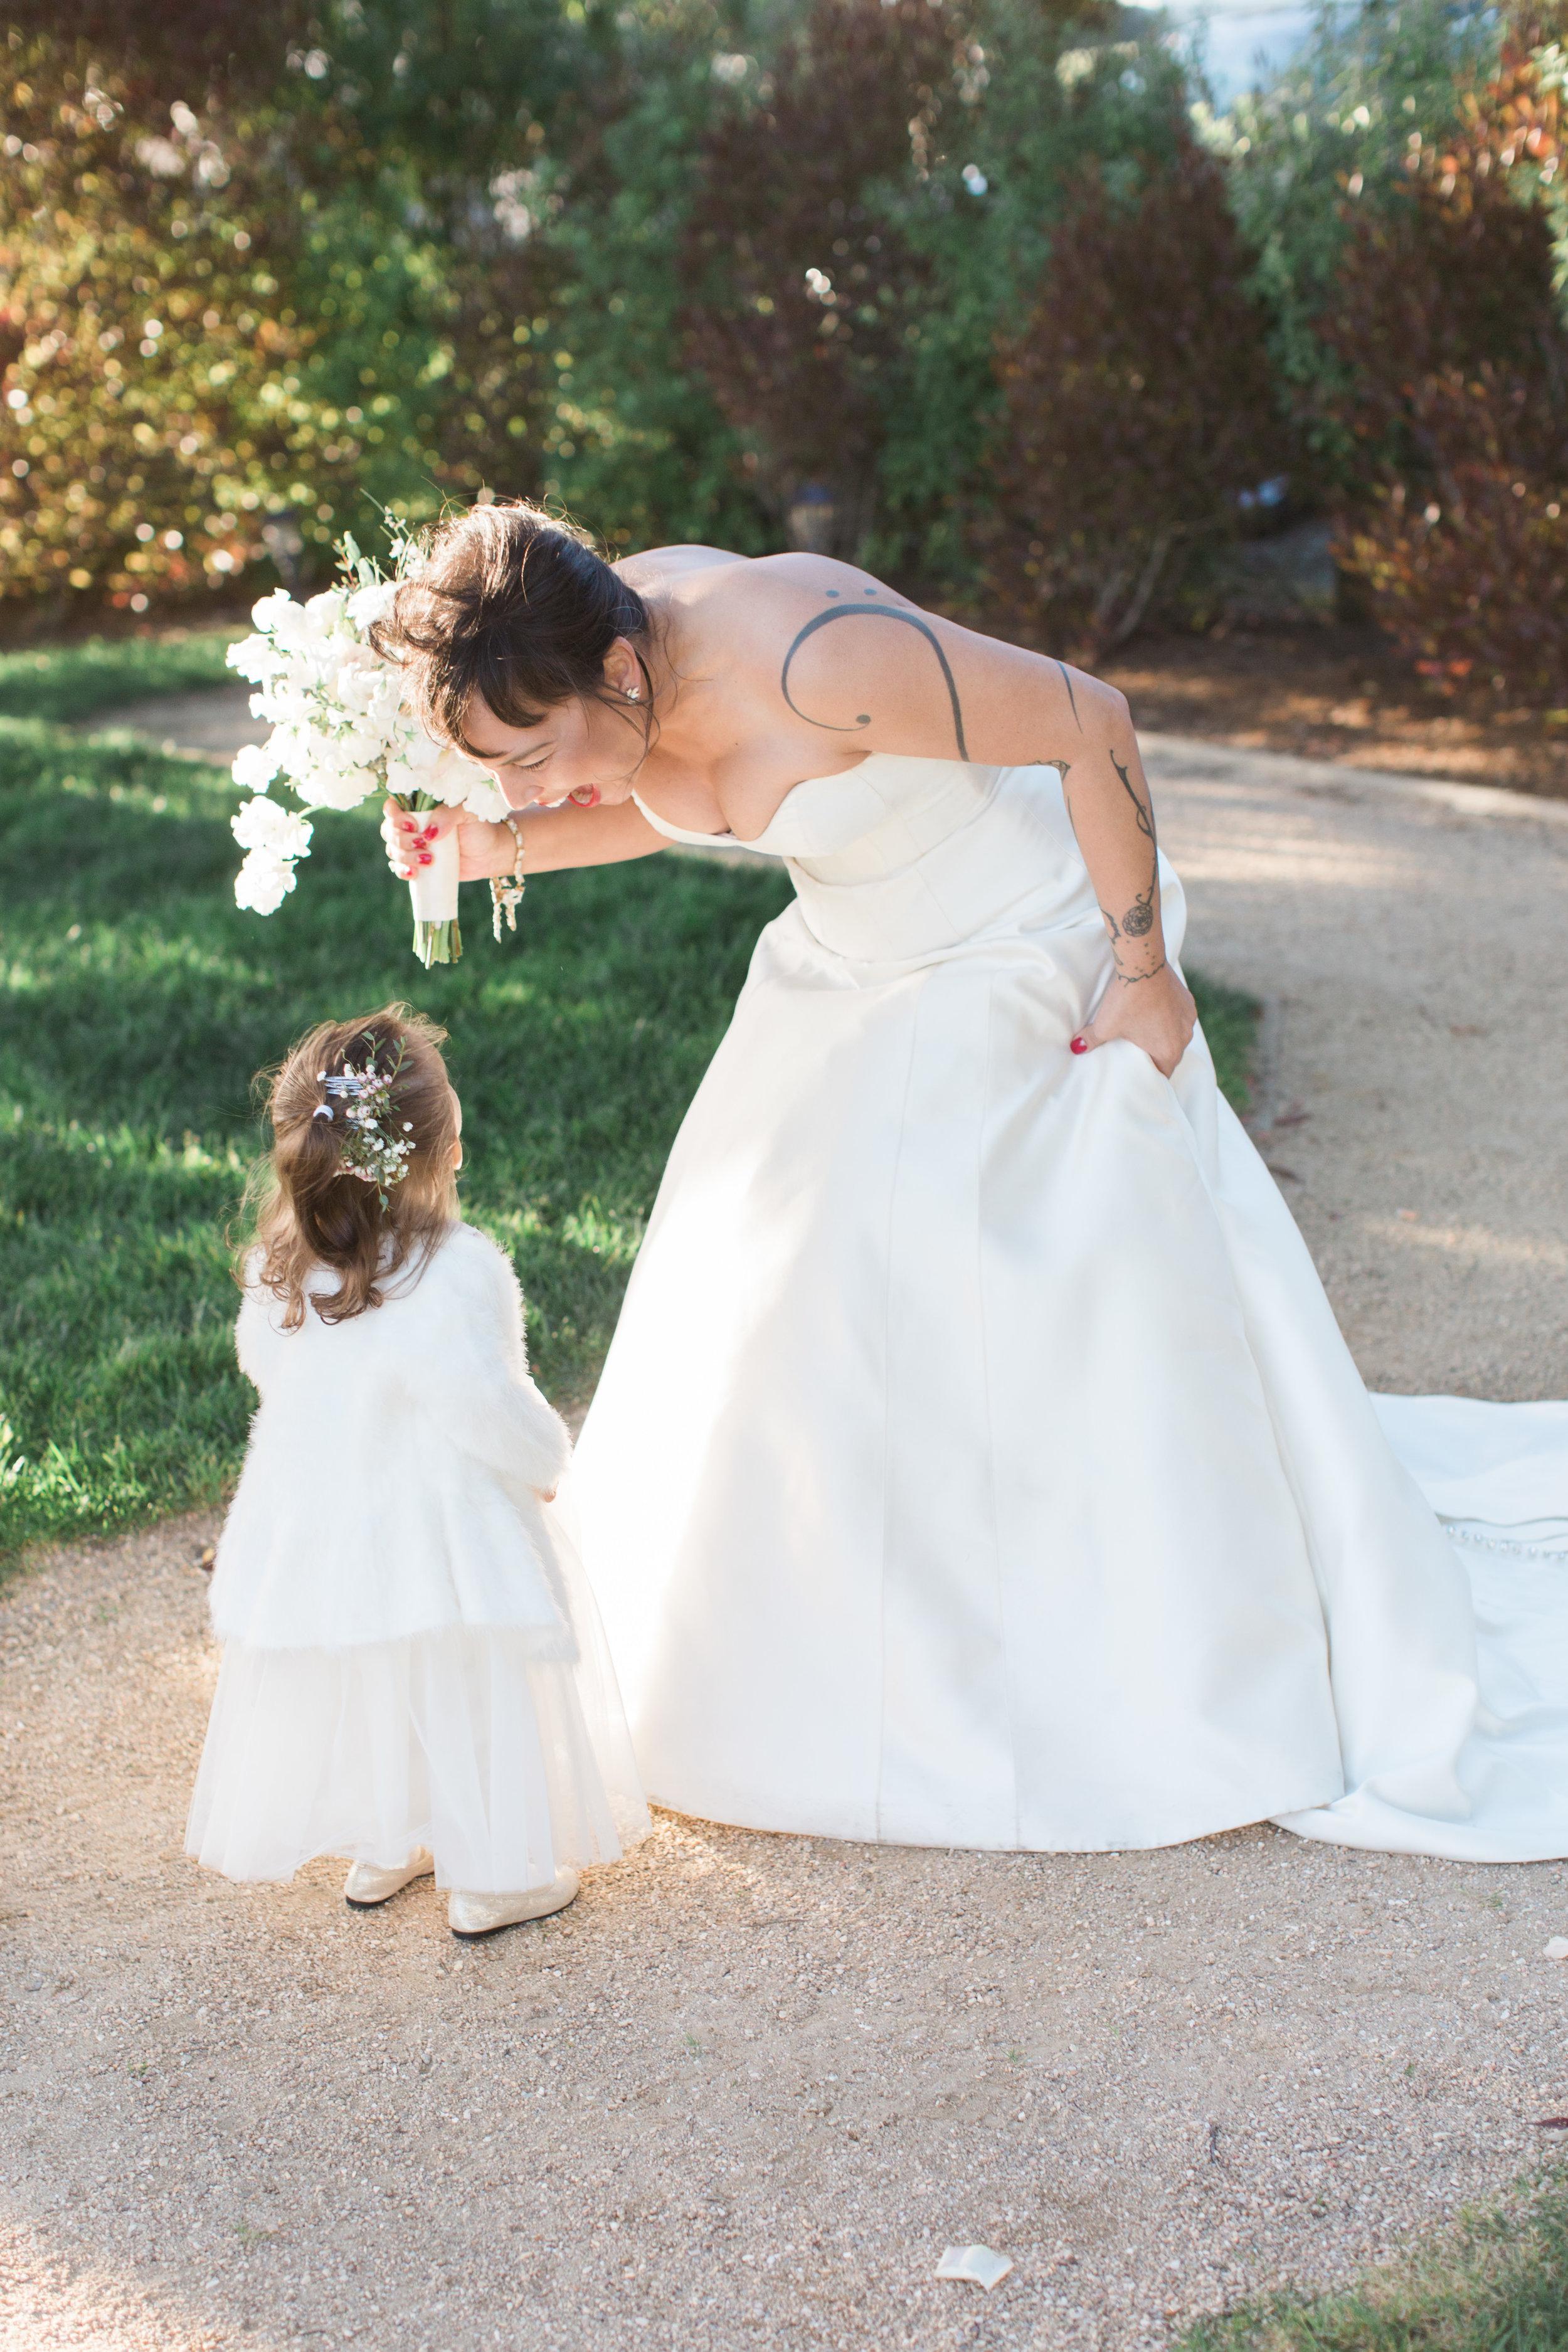 Mavericks-event-center-wedding-in-half-moon-bay-california238.jpg